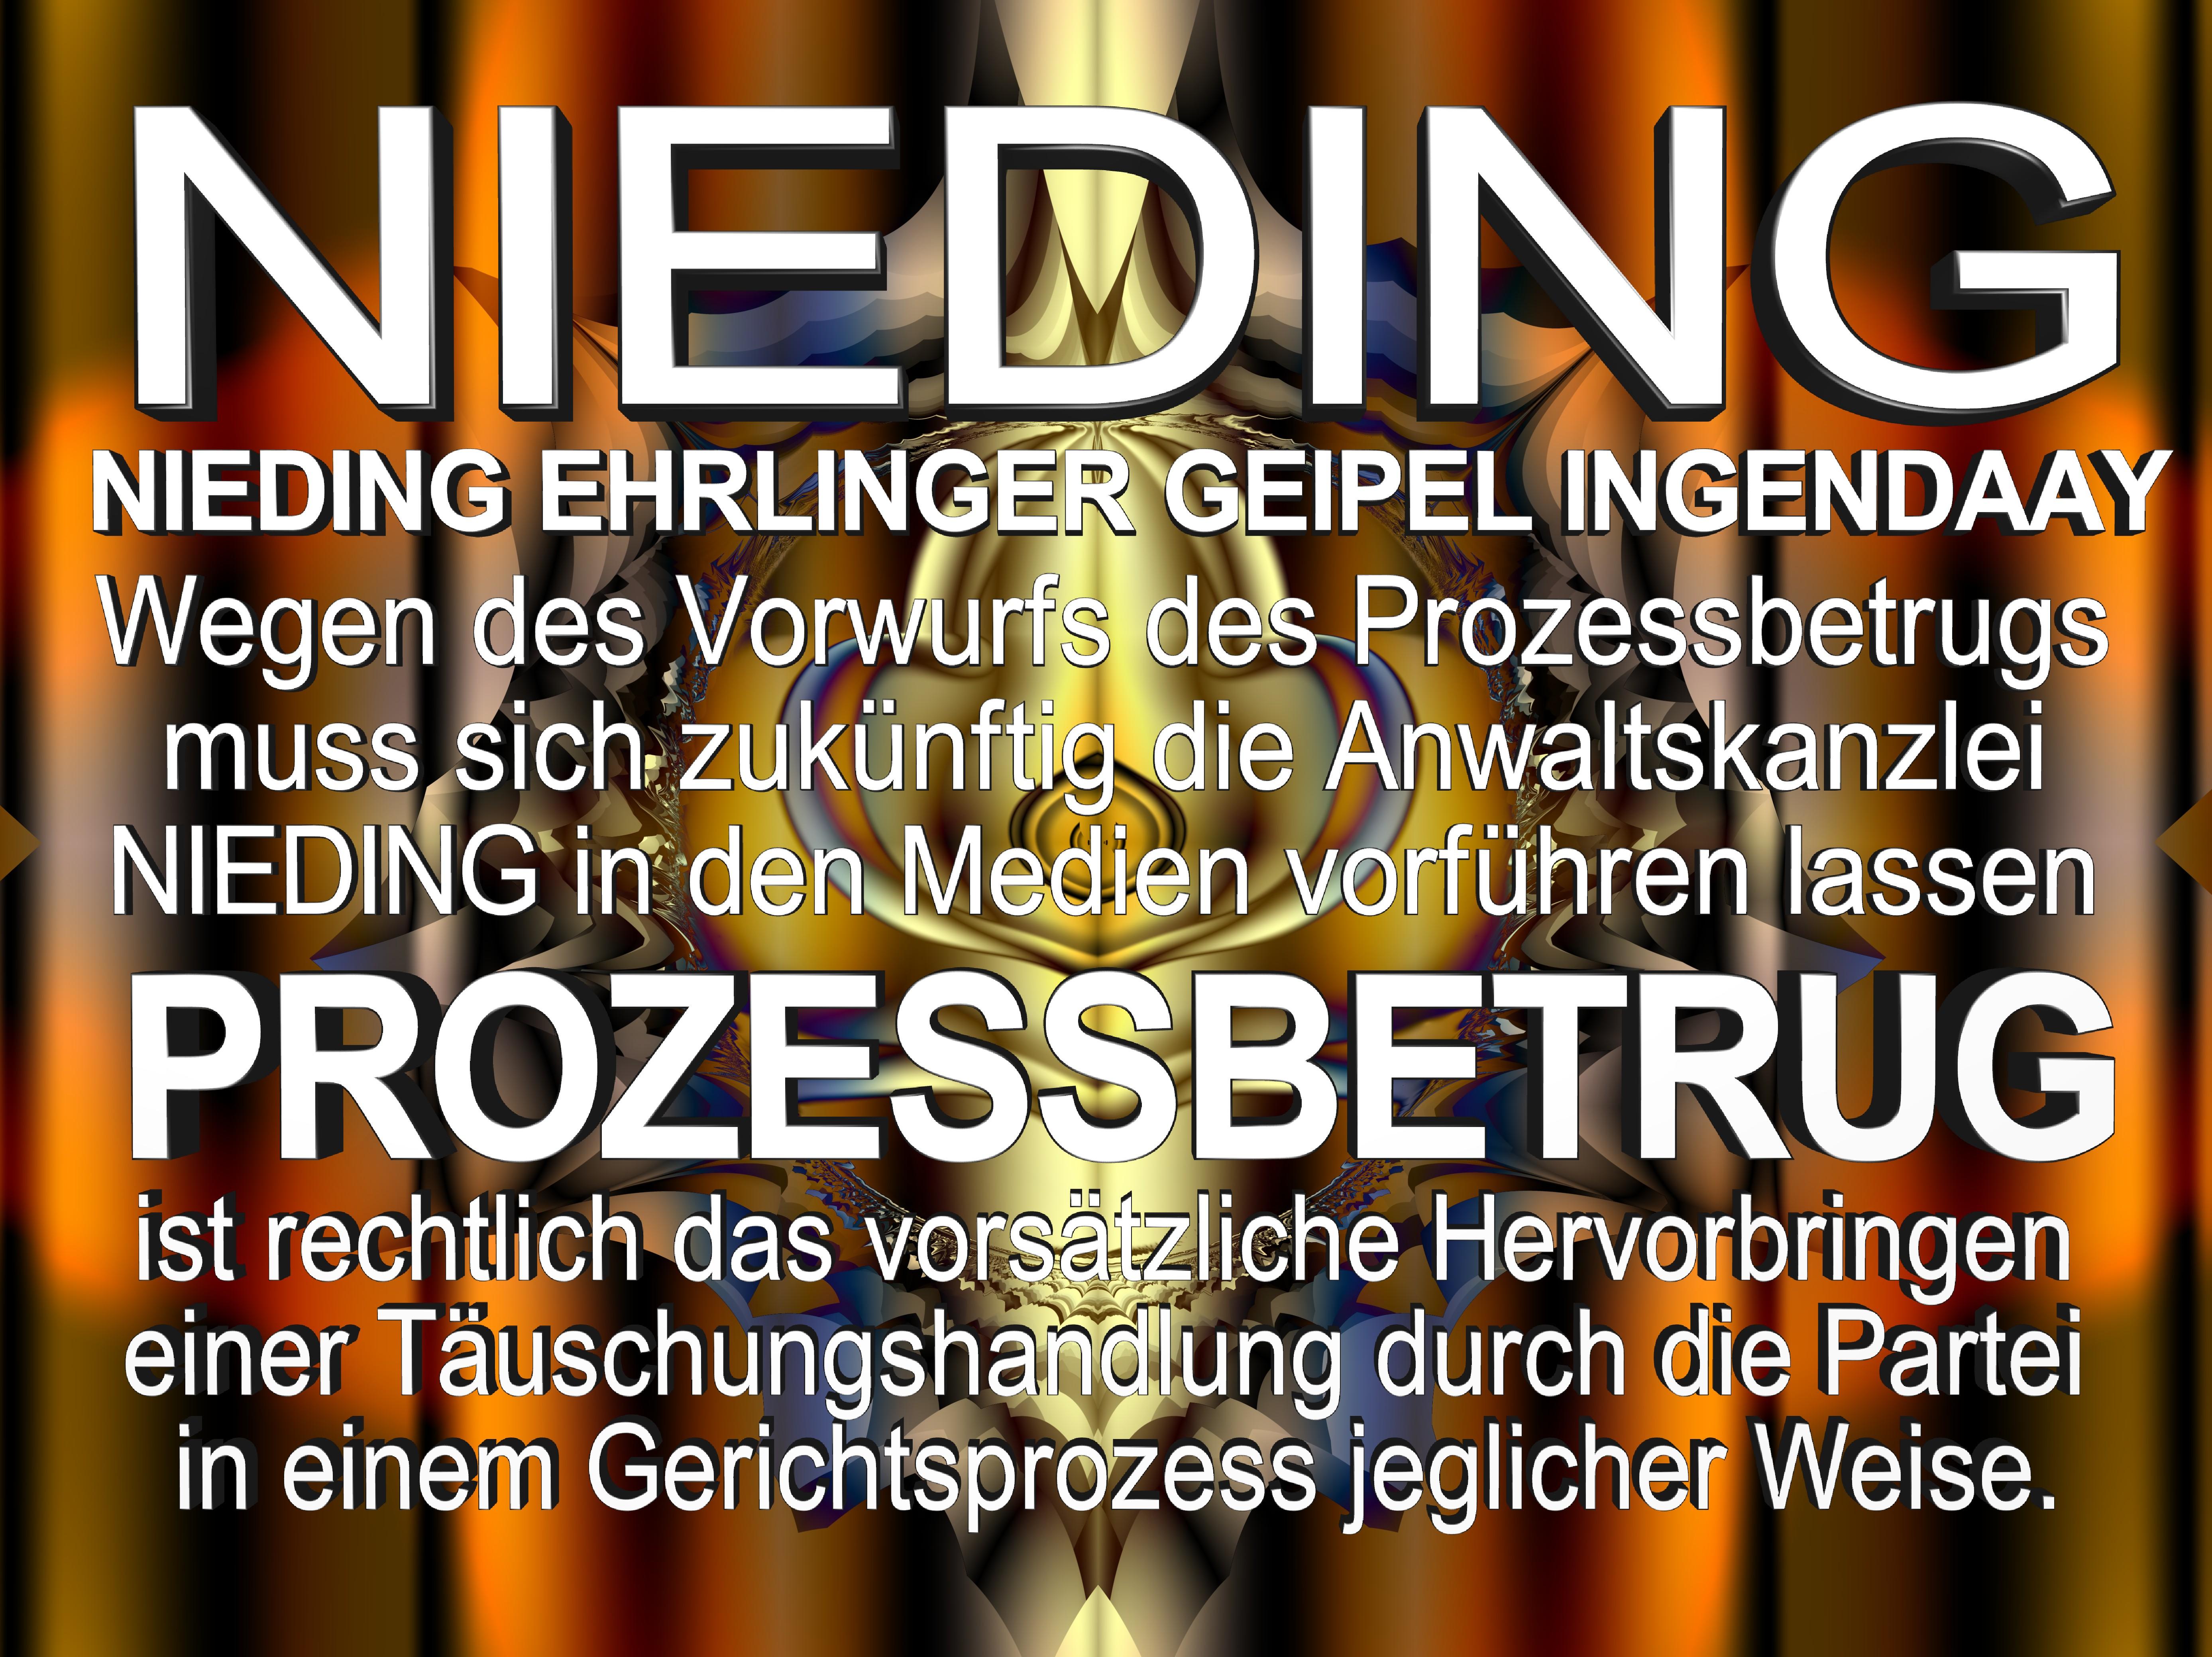 NIEDING EHRLINGER GEIPEL INGENDAAY LELKE Kurfürstendamm 66 Berlin (180)